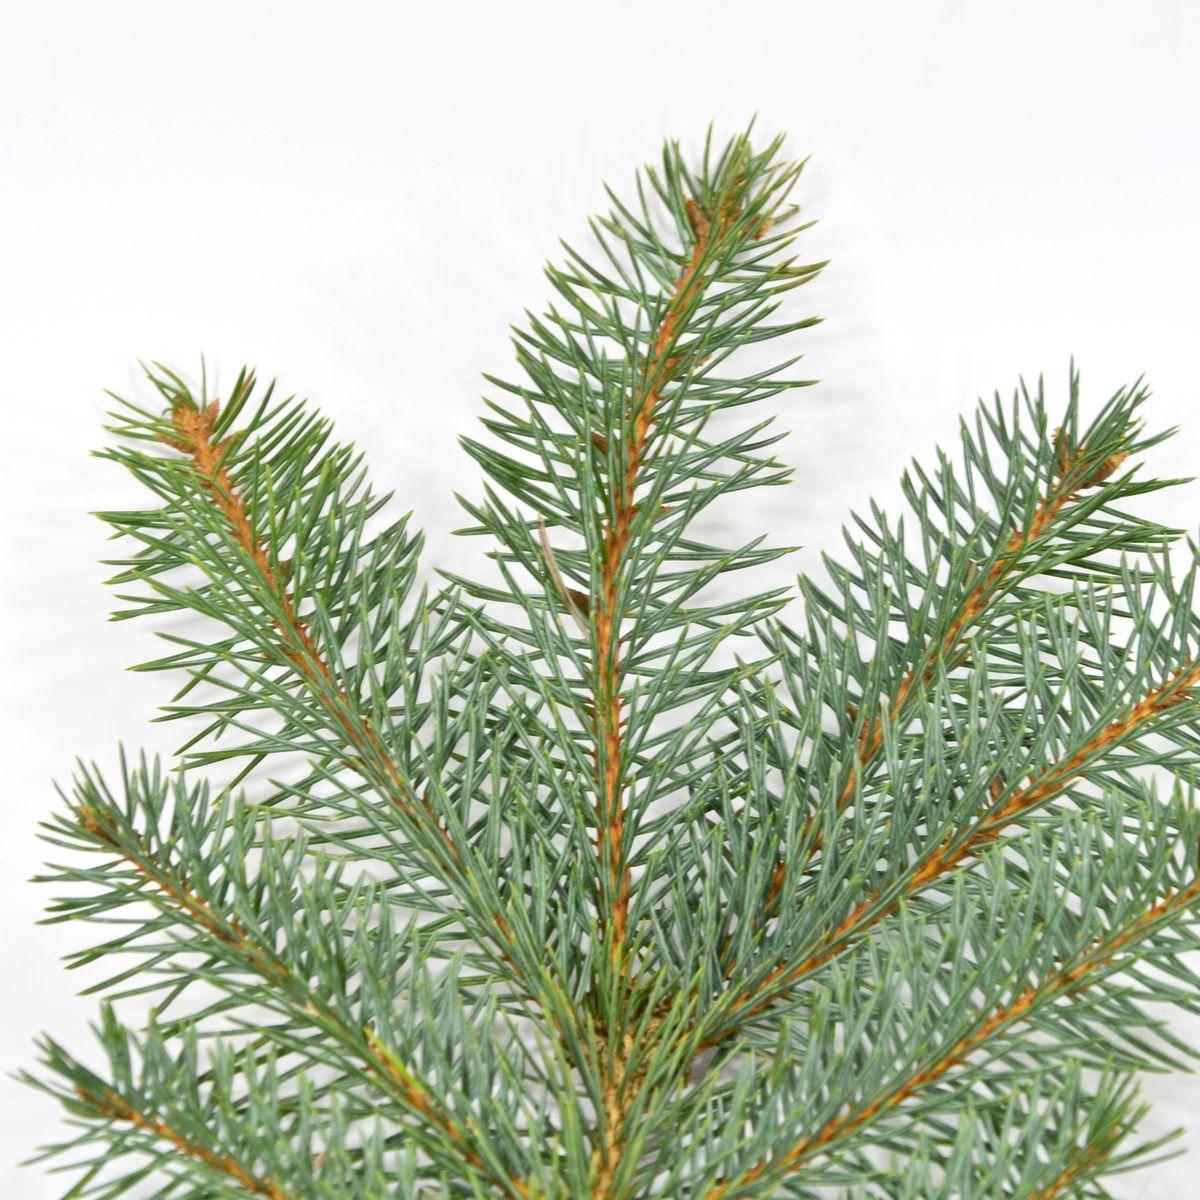 Weihnachtsbaumsorten im Vergleich: Die Blaufichte